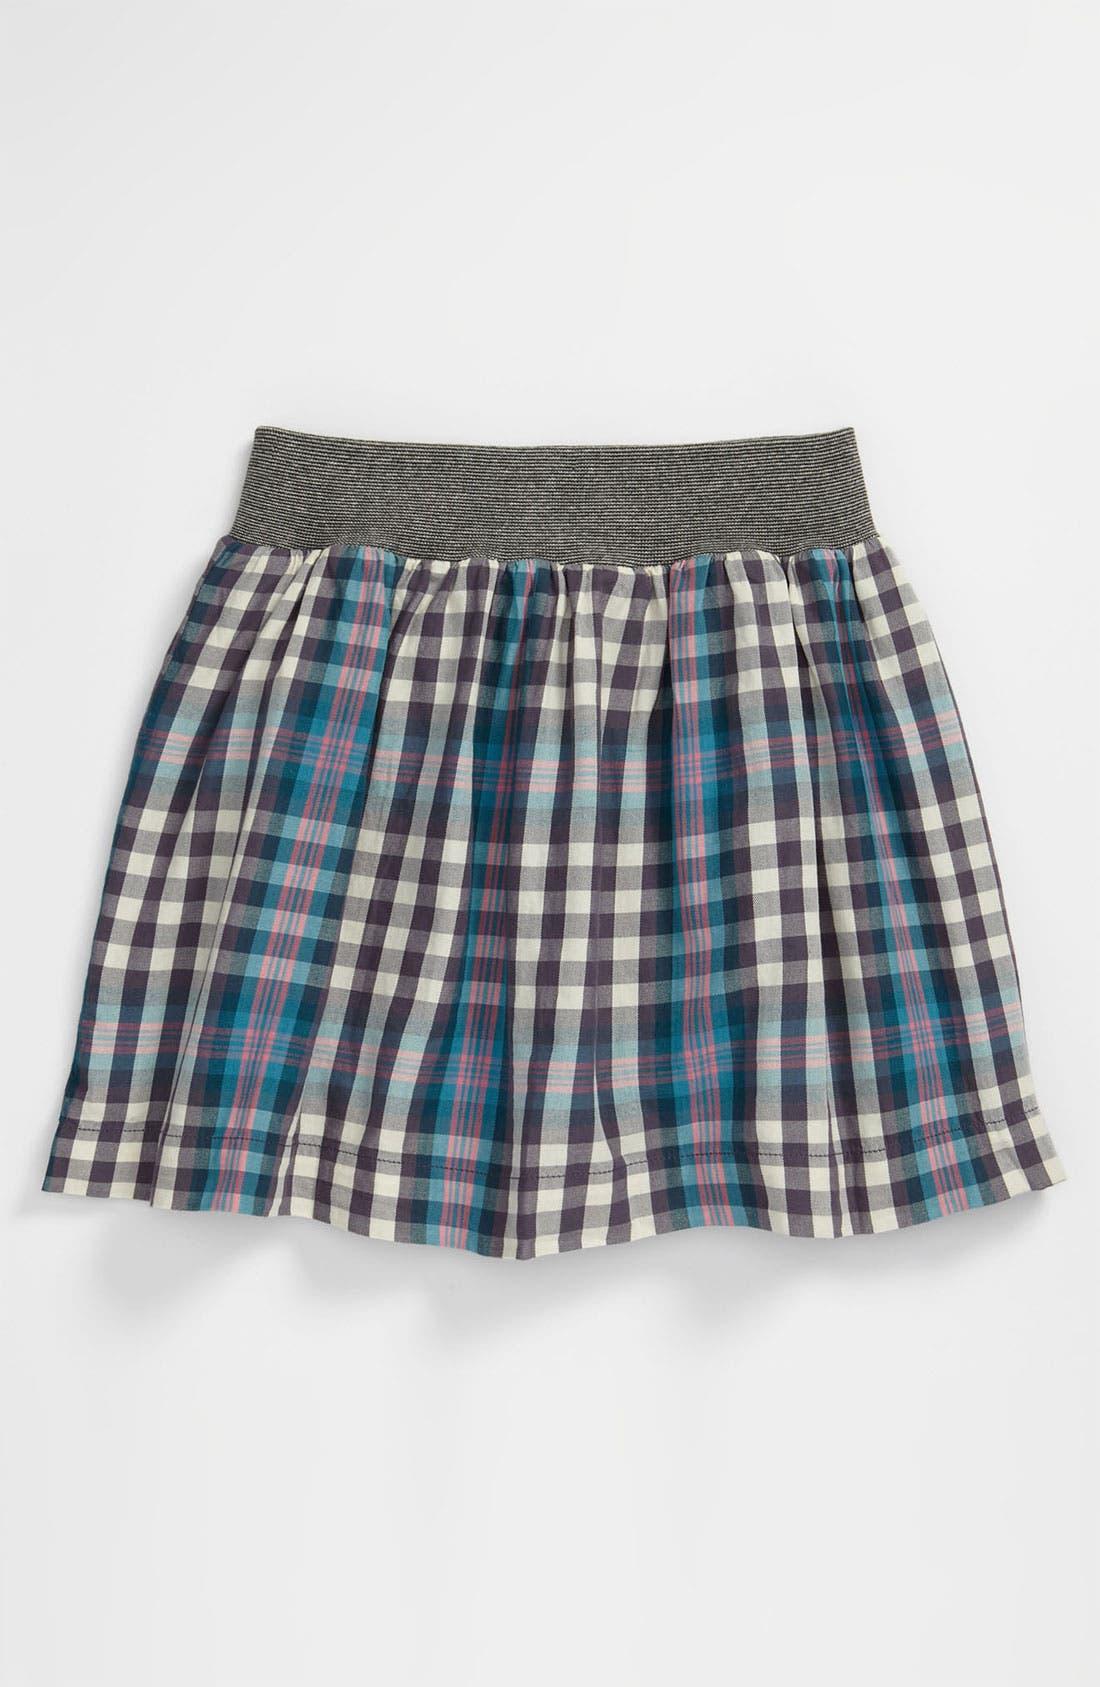 Alternate Image 1 Selected - Tucker + Tate 'Helen' Skirt (Big Girls)